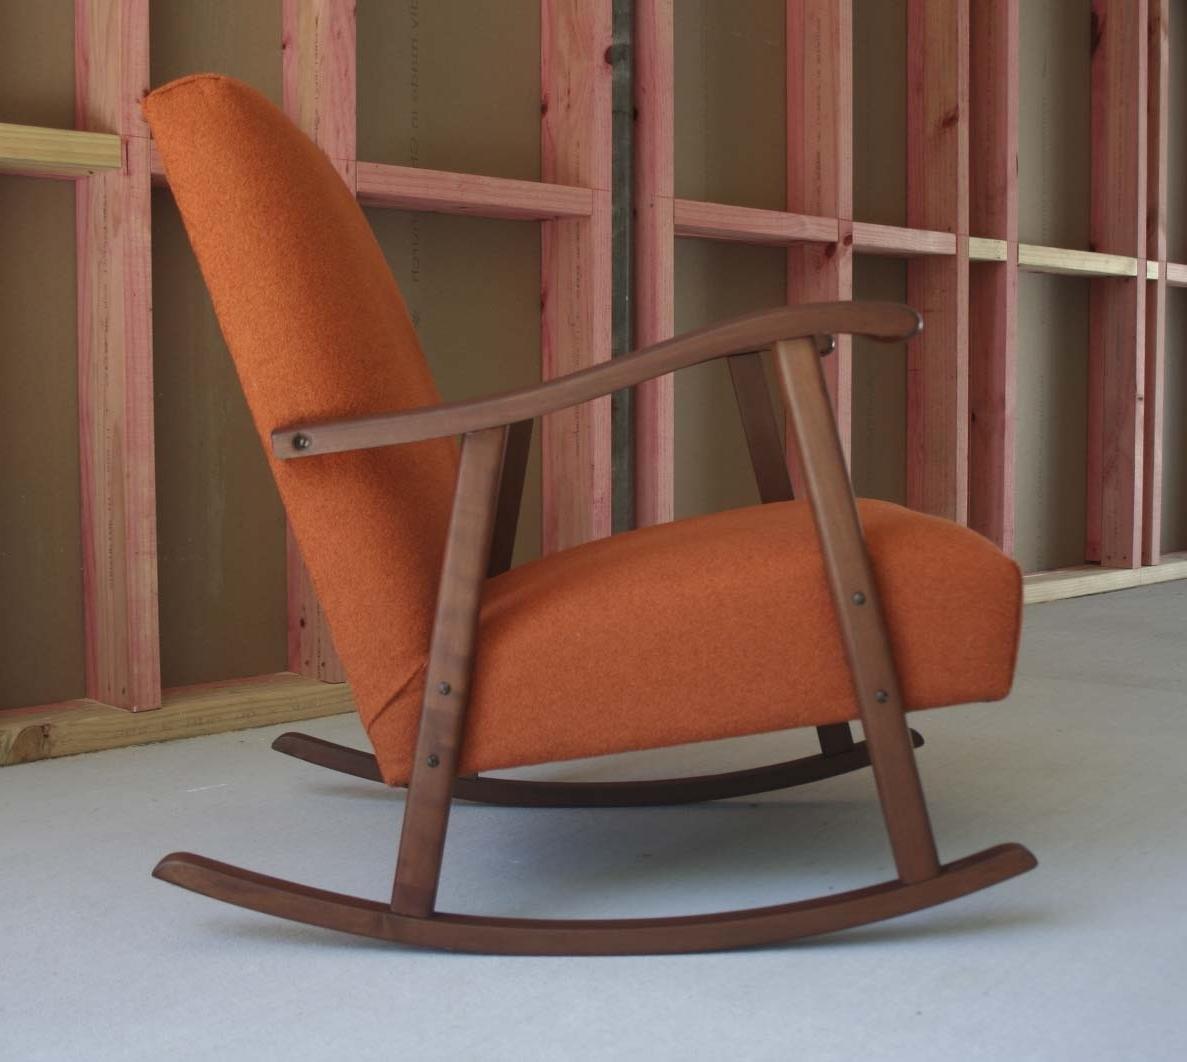 Zelfaanhetwerk Inside Trendy Retro Rocking Chairs (View 20 of 20)